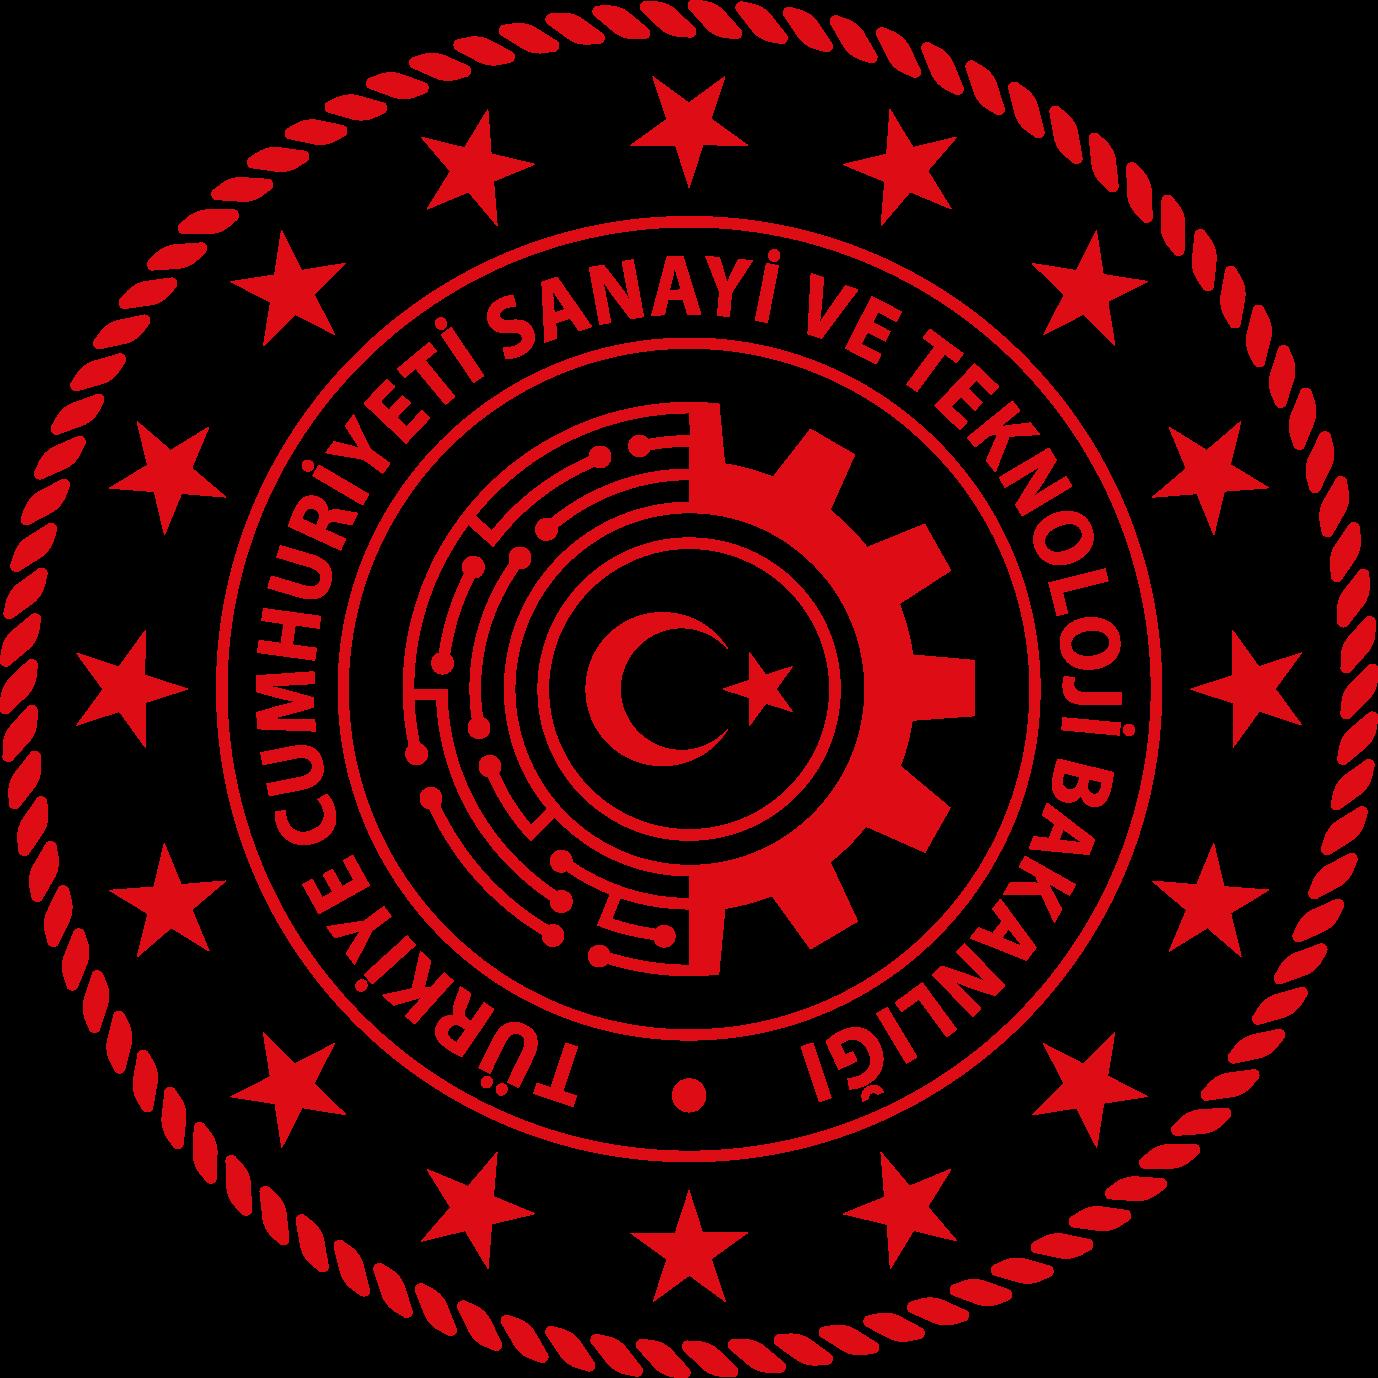 tc sanayi ve teknoloji bakanligi logo